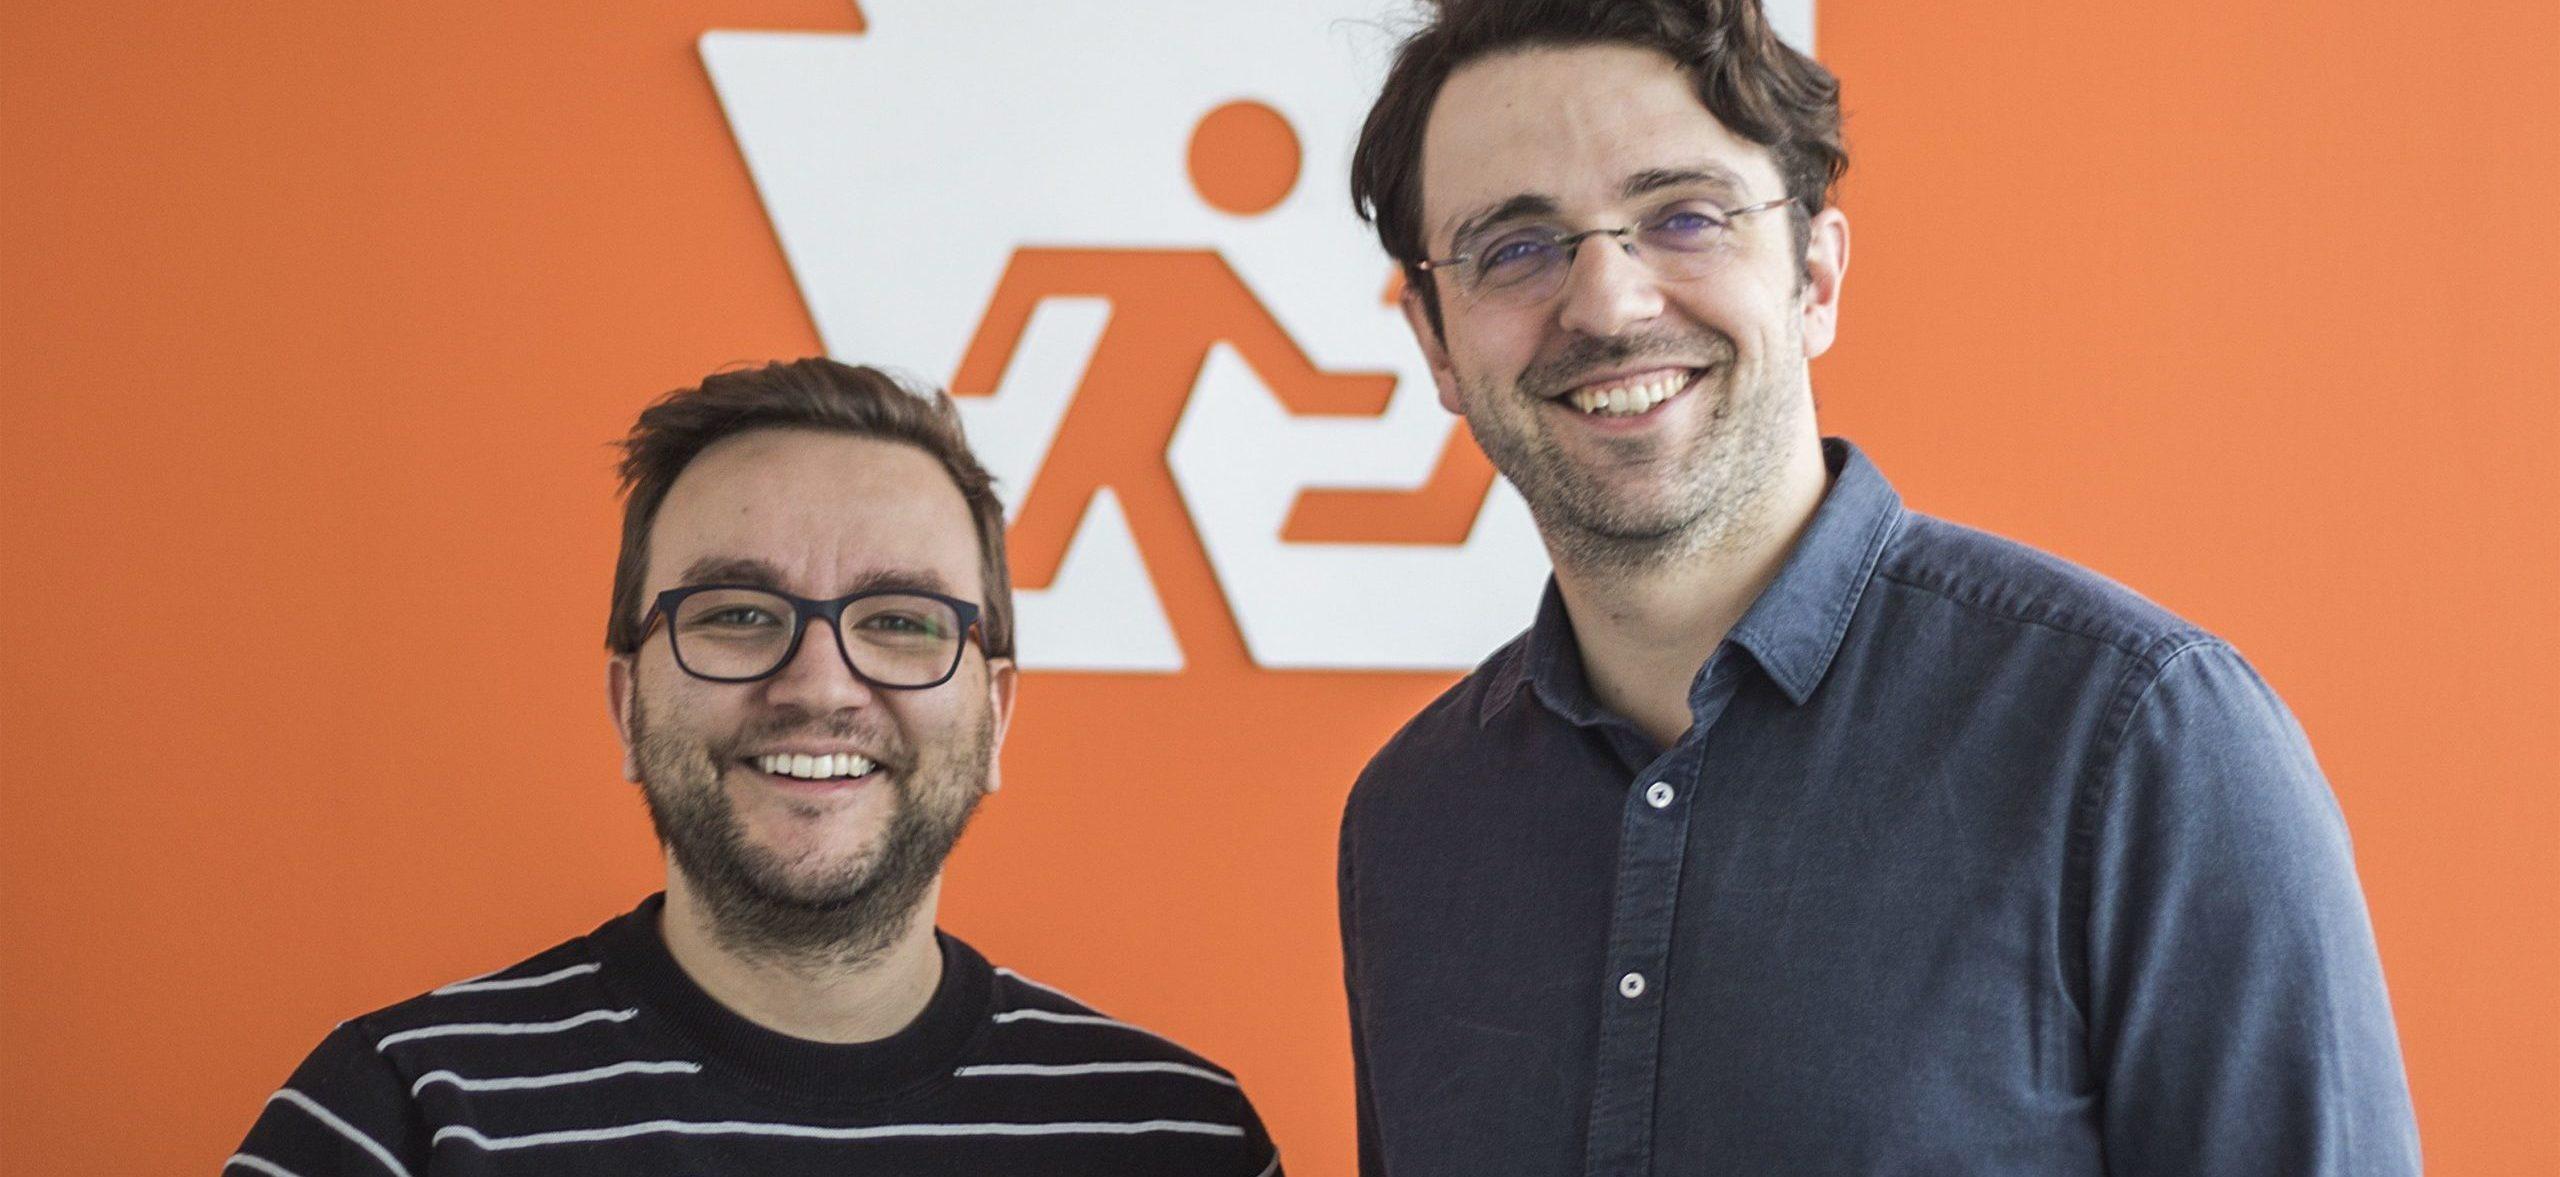 Эксклюзив: Jose Teixeira и Damien Monnier, бывшие разработчики The Witcher 3 и Dying Light 2, открыли студию Exit Plan Games и получили инвестиции.